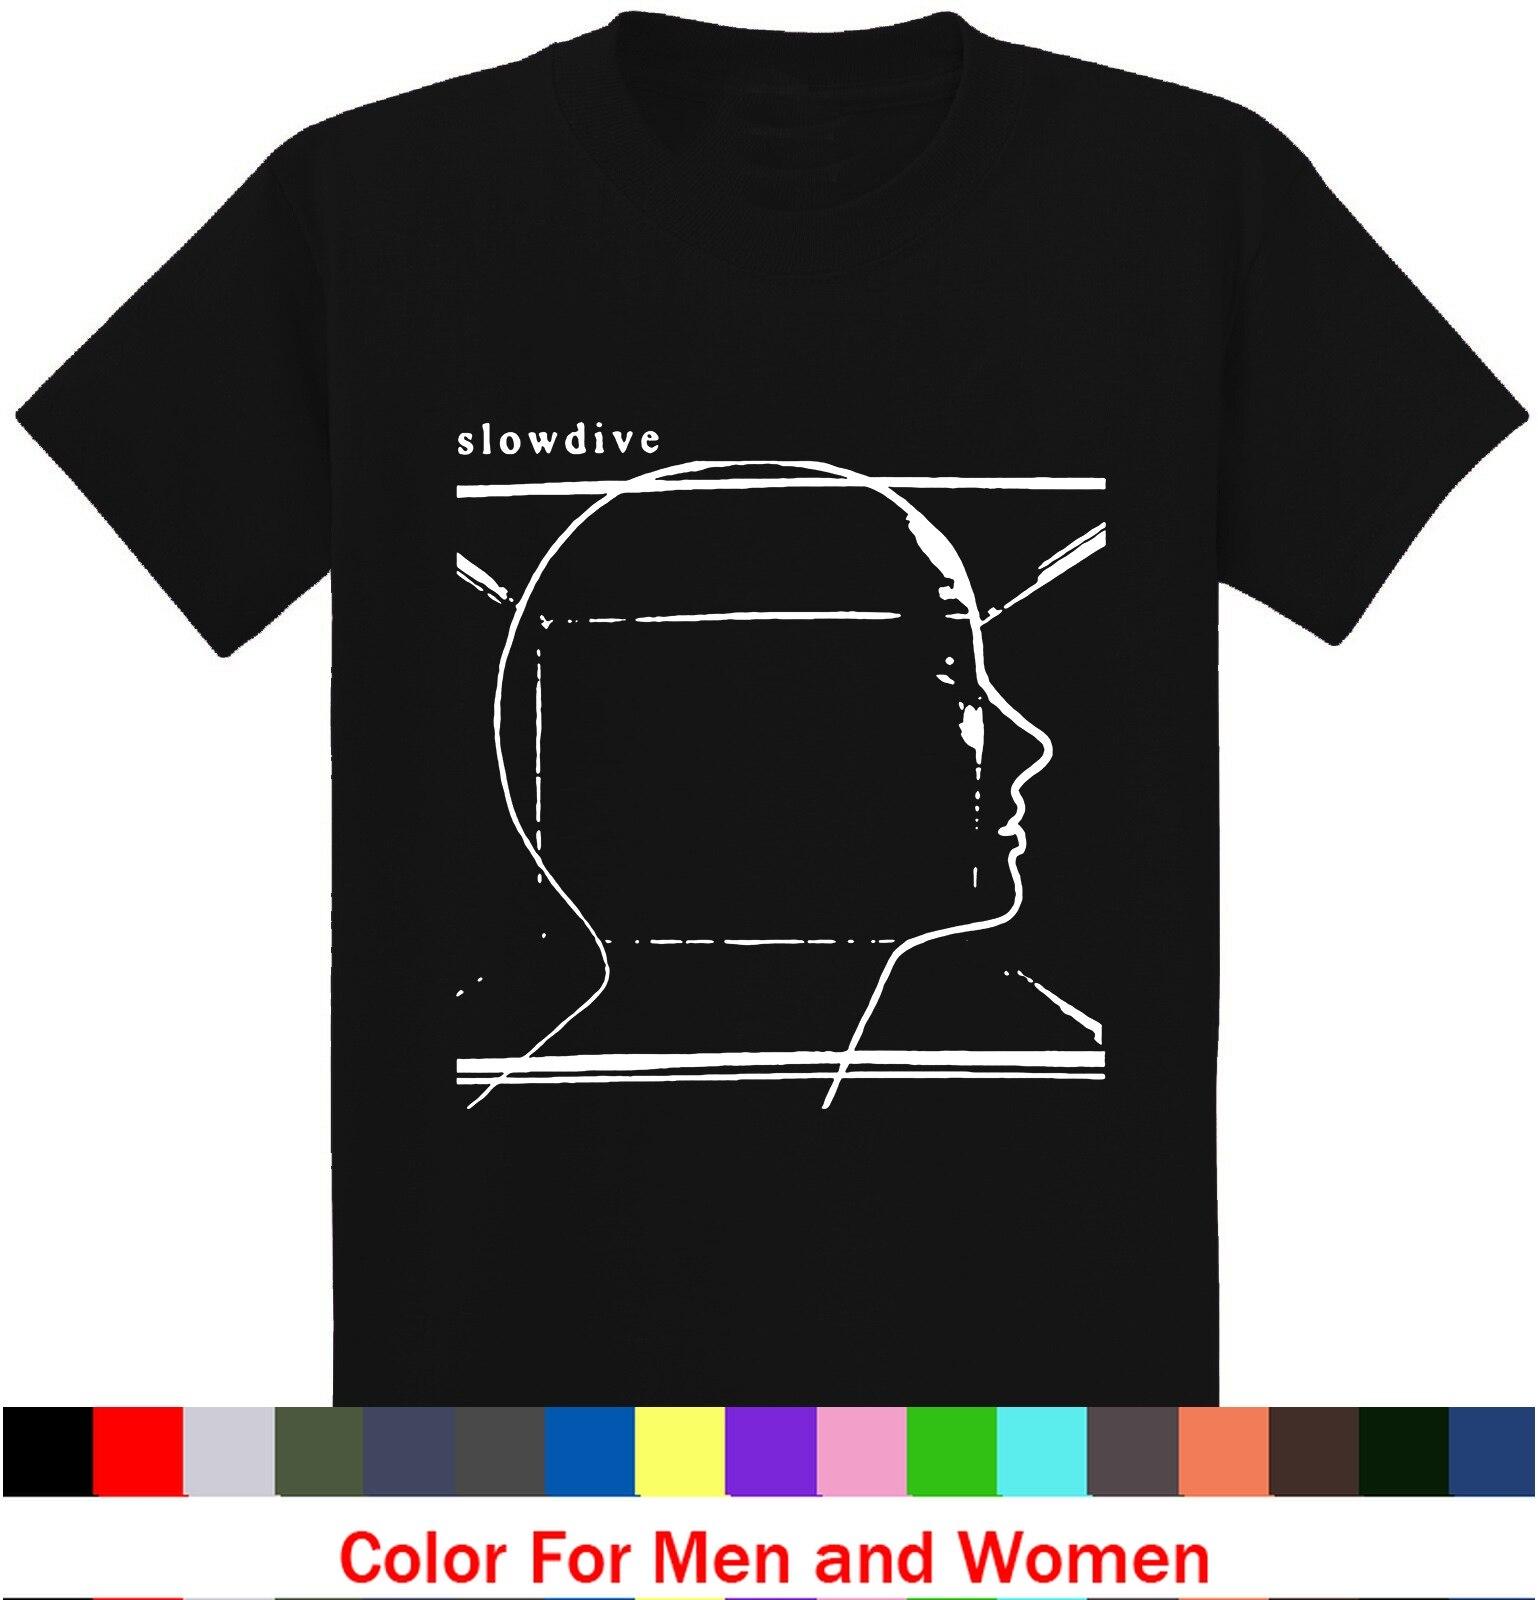 ユーモアtシャツ夏slowdive男性プリントo-ネックtシャツ夏半袖コットンtシャツストリート